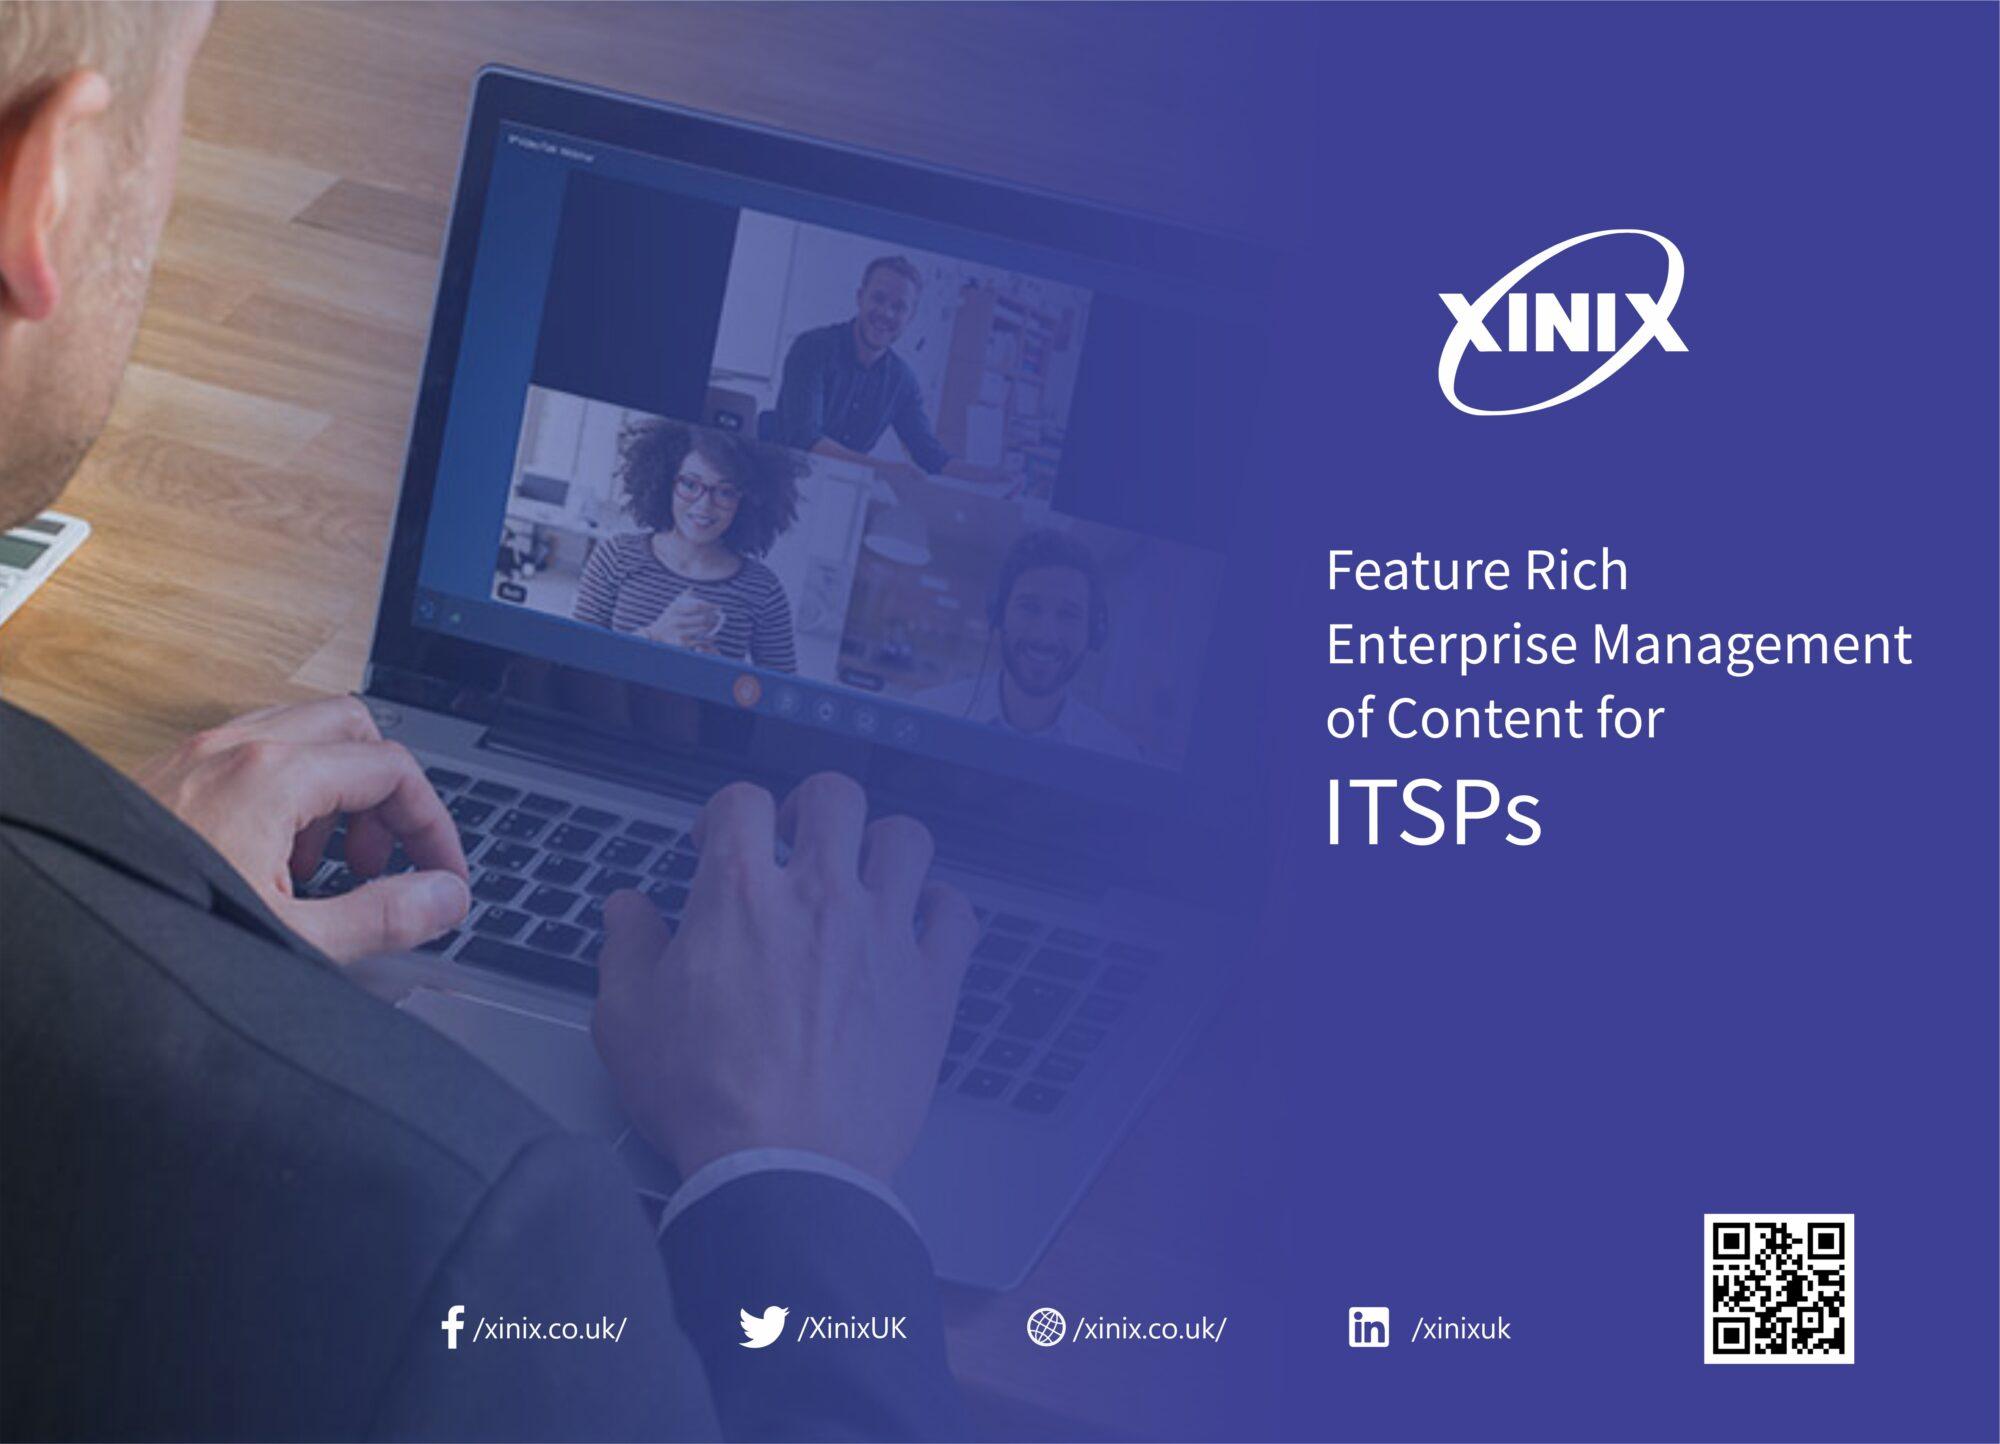 Feature Rich Enterprise Management of Content for ITSPs